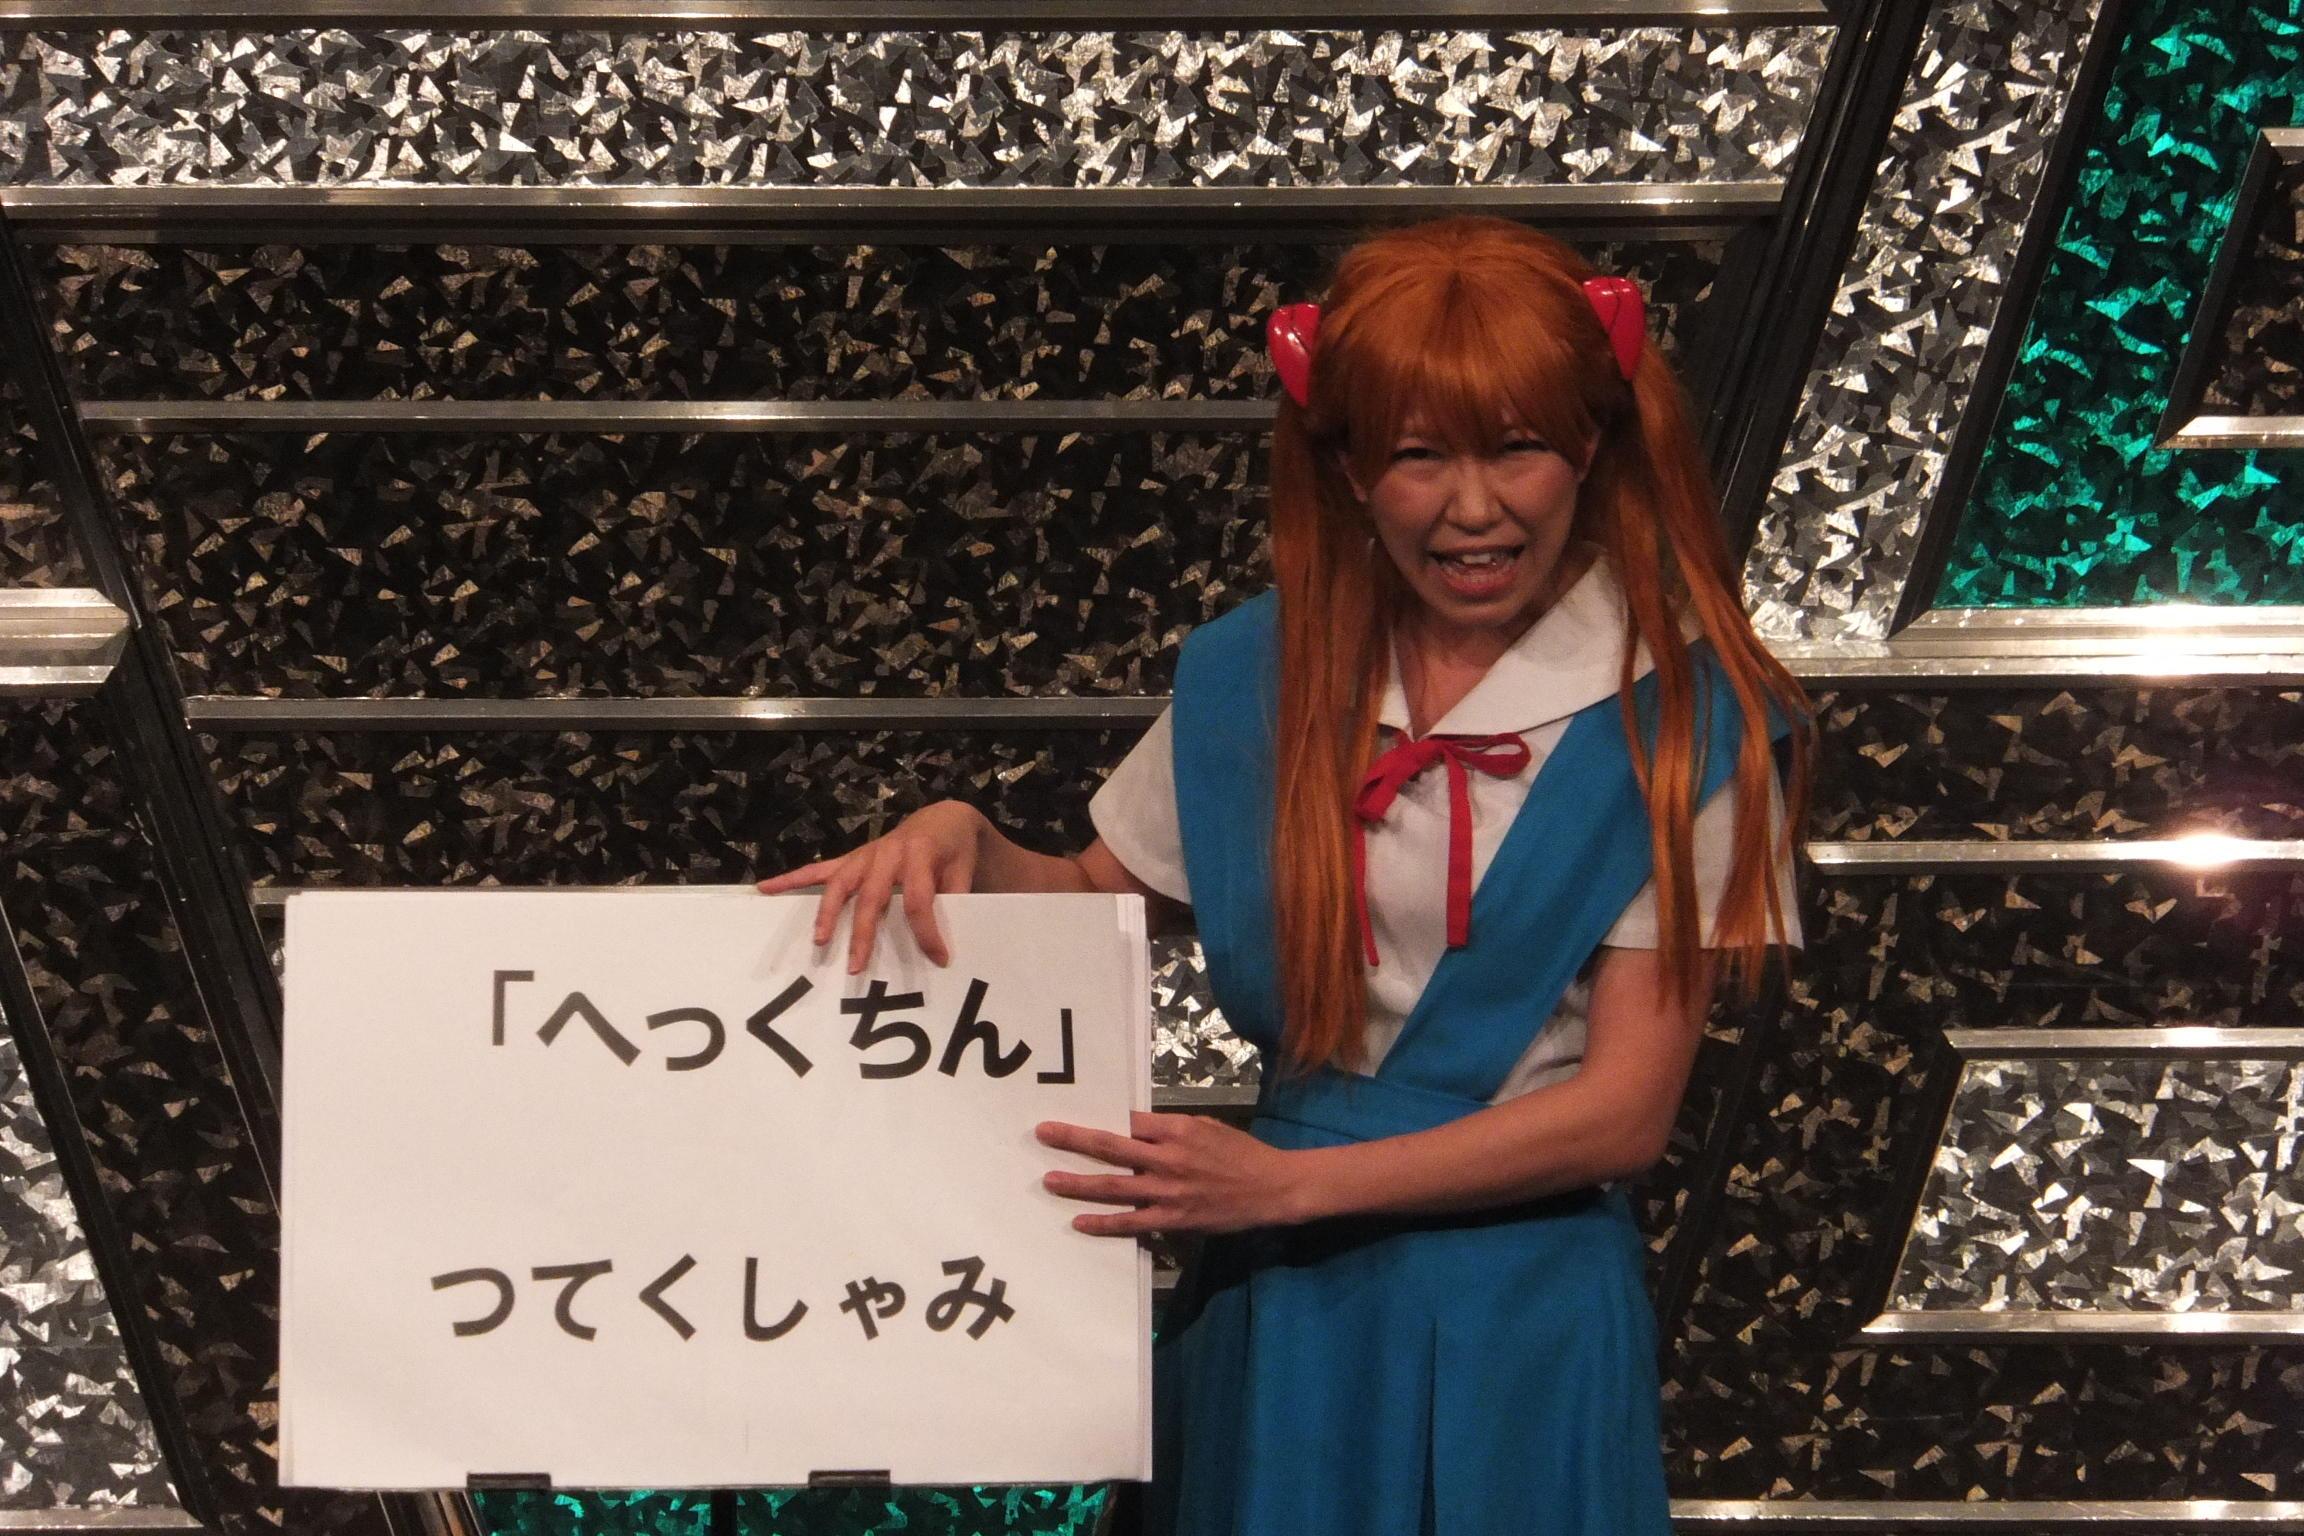 http://news.yoshimoto.co.jp/20160129151945-ad222d64609bf2c6325efc6e6746af2e5dd227bc.jpg